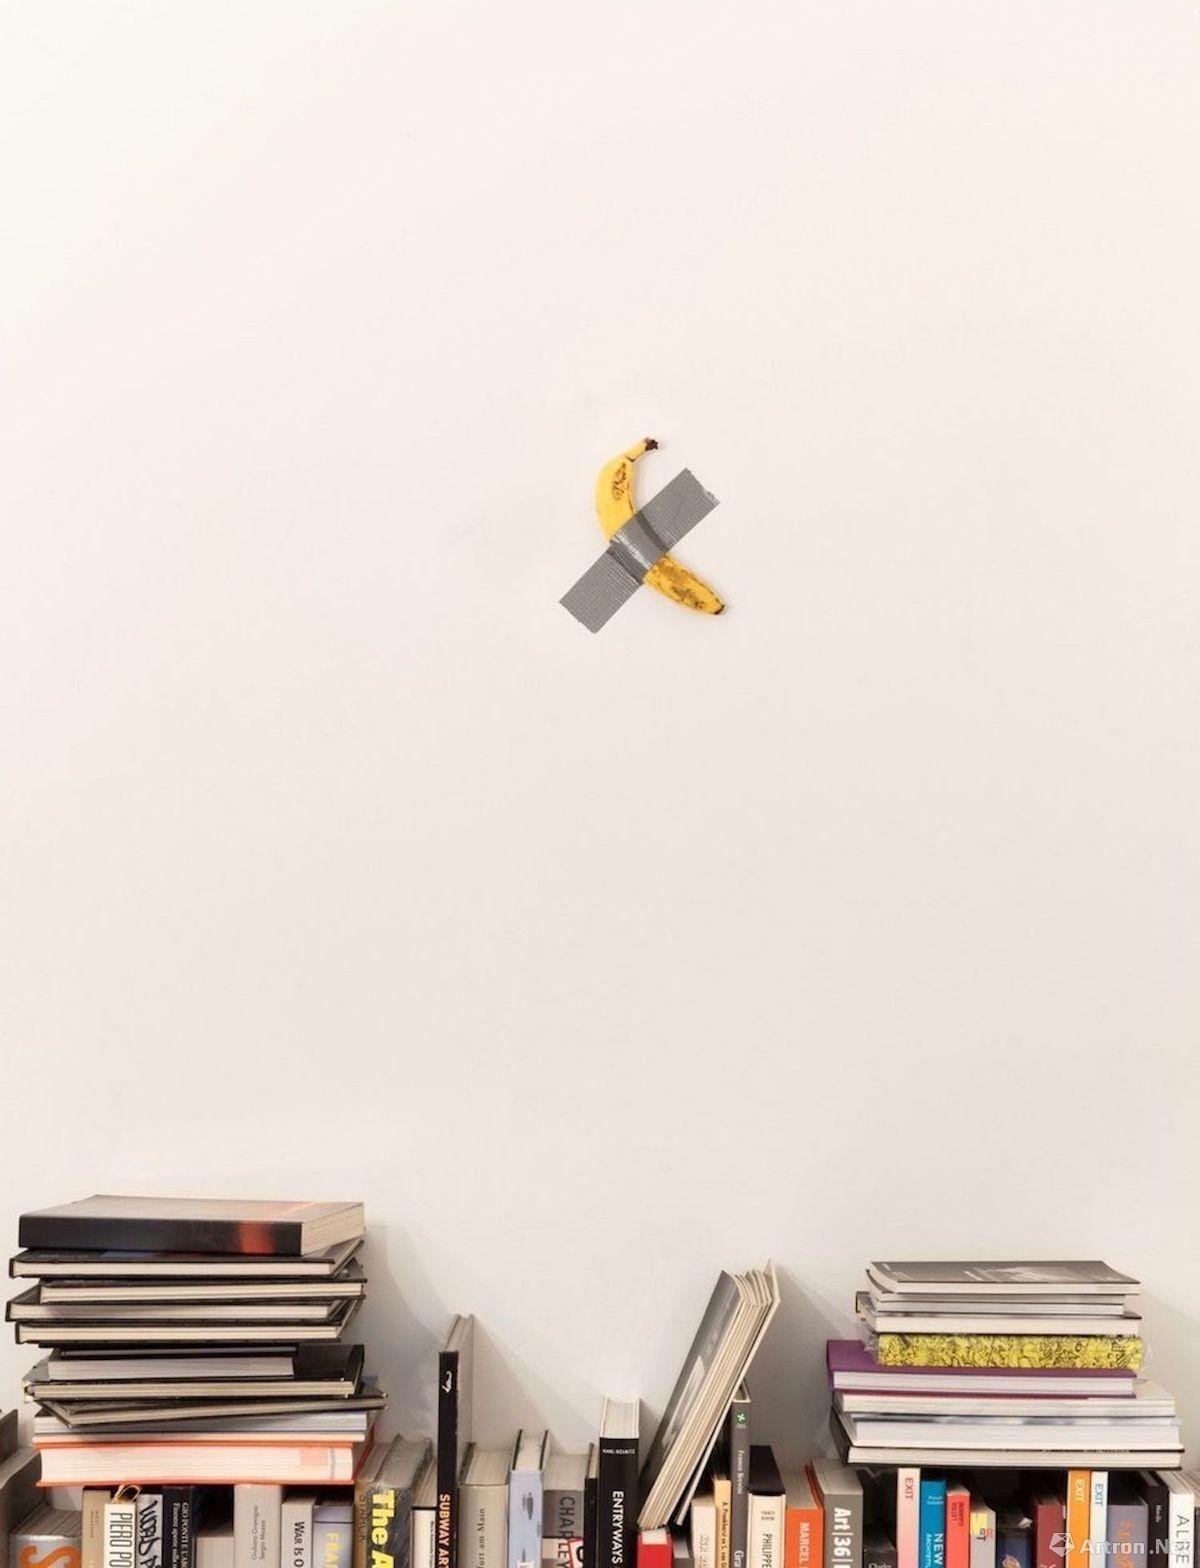 巴塞尔艺术展突发!卡特兰价值15万美金的香蕉被一位老兄现场给...吃...吃了!